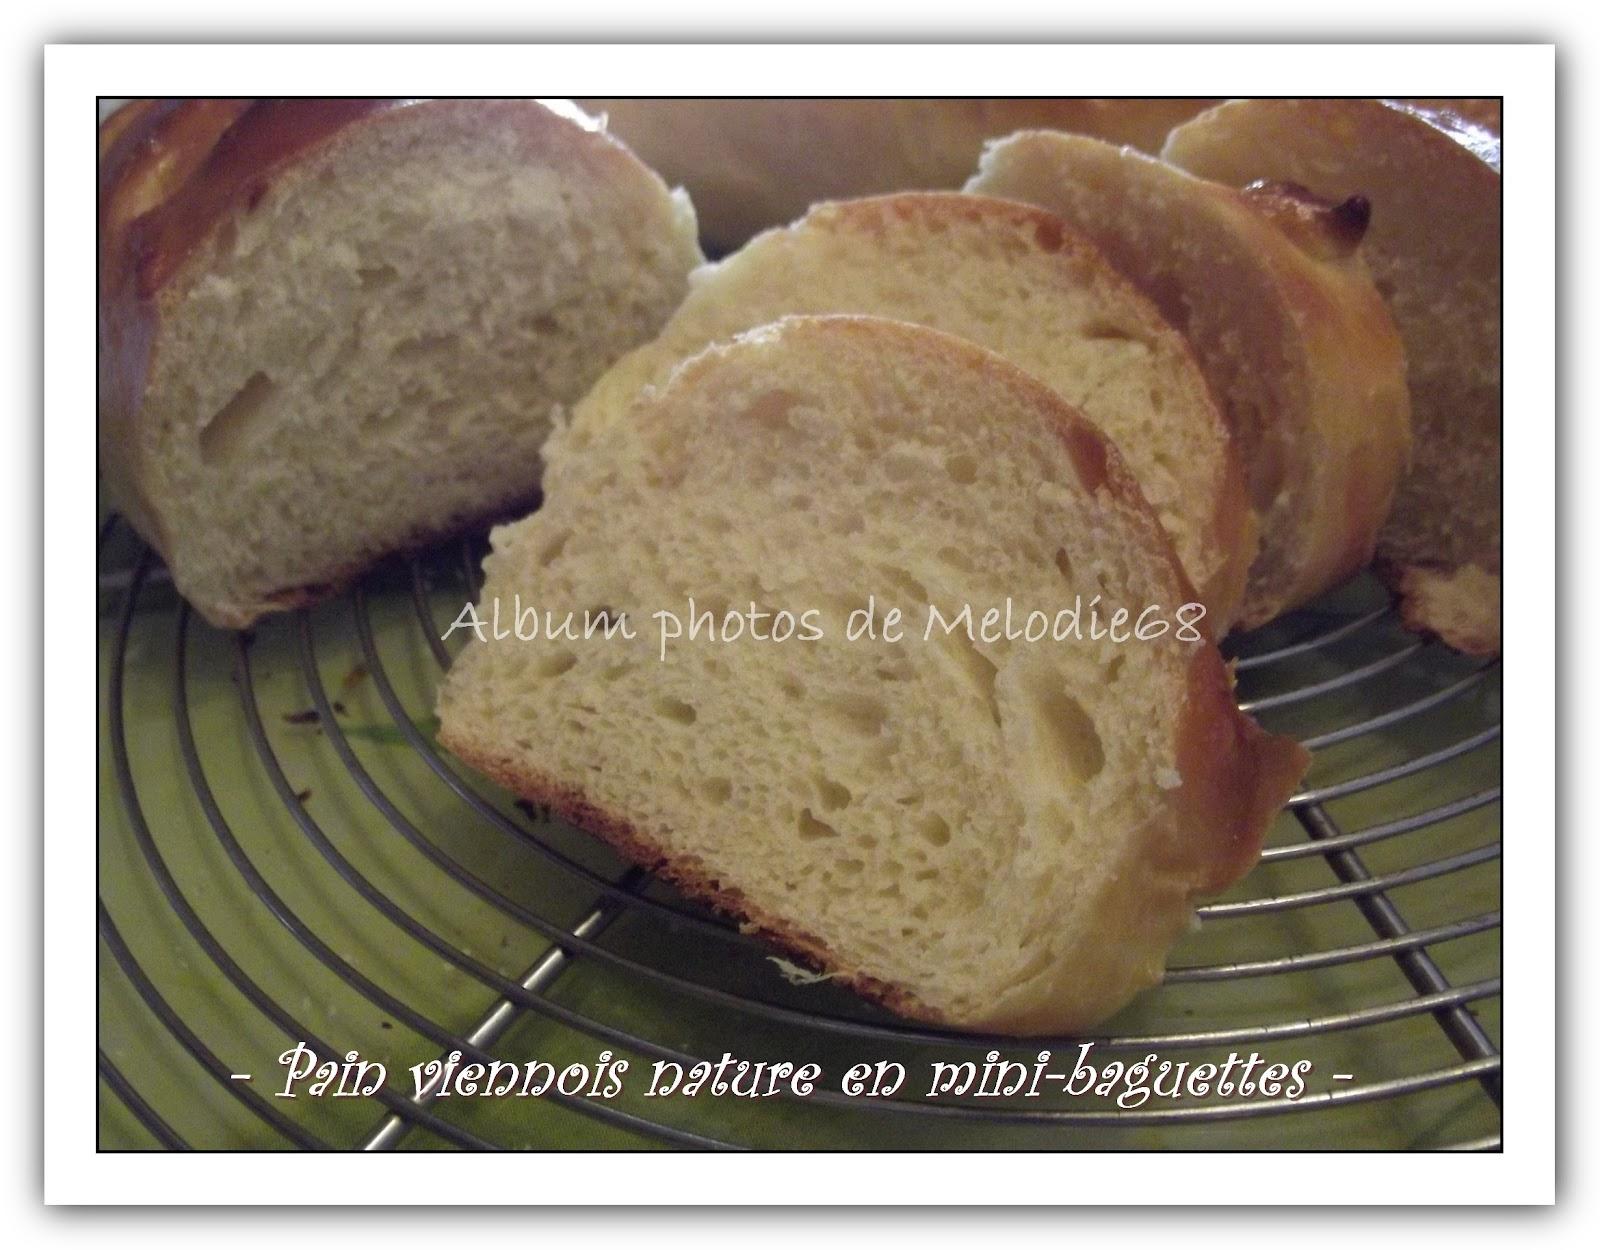 les gourmandises de melodie68 pain viennois en mini baguettes. Black Bedroom Furniture Sets. Home Design Ideas